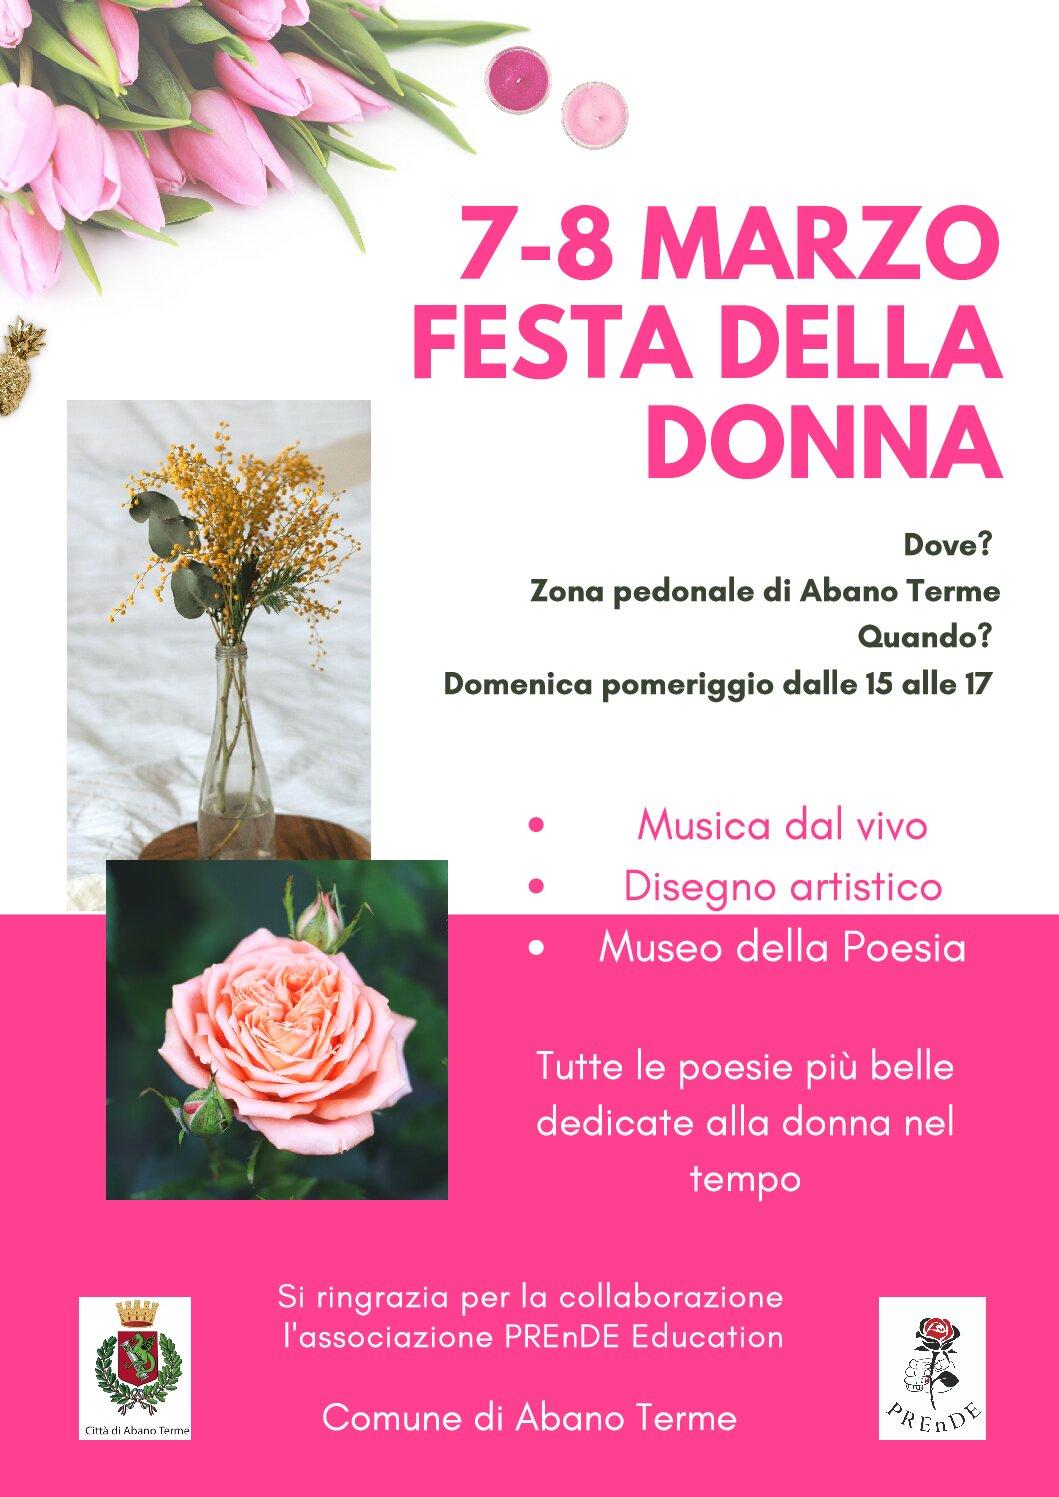 FESTA DELLA DONNA 8 MARZO 2021